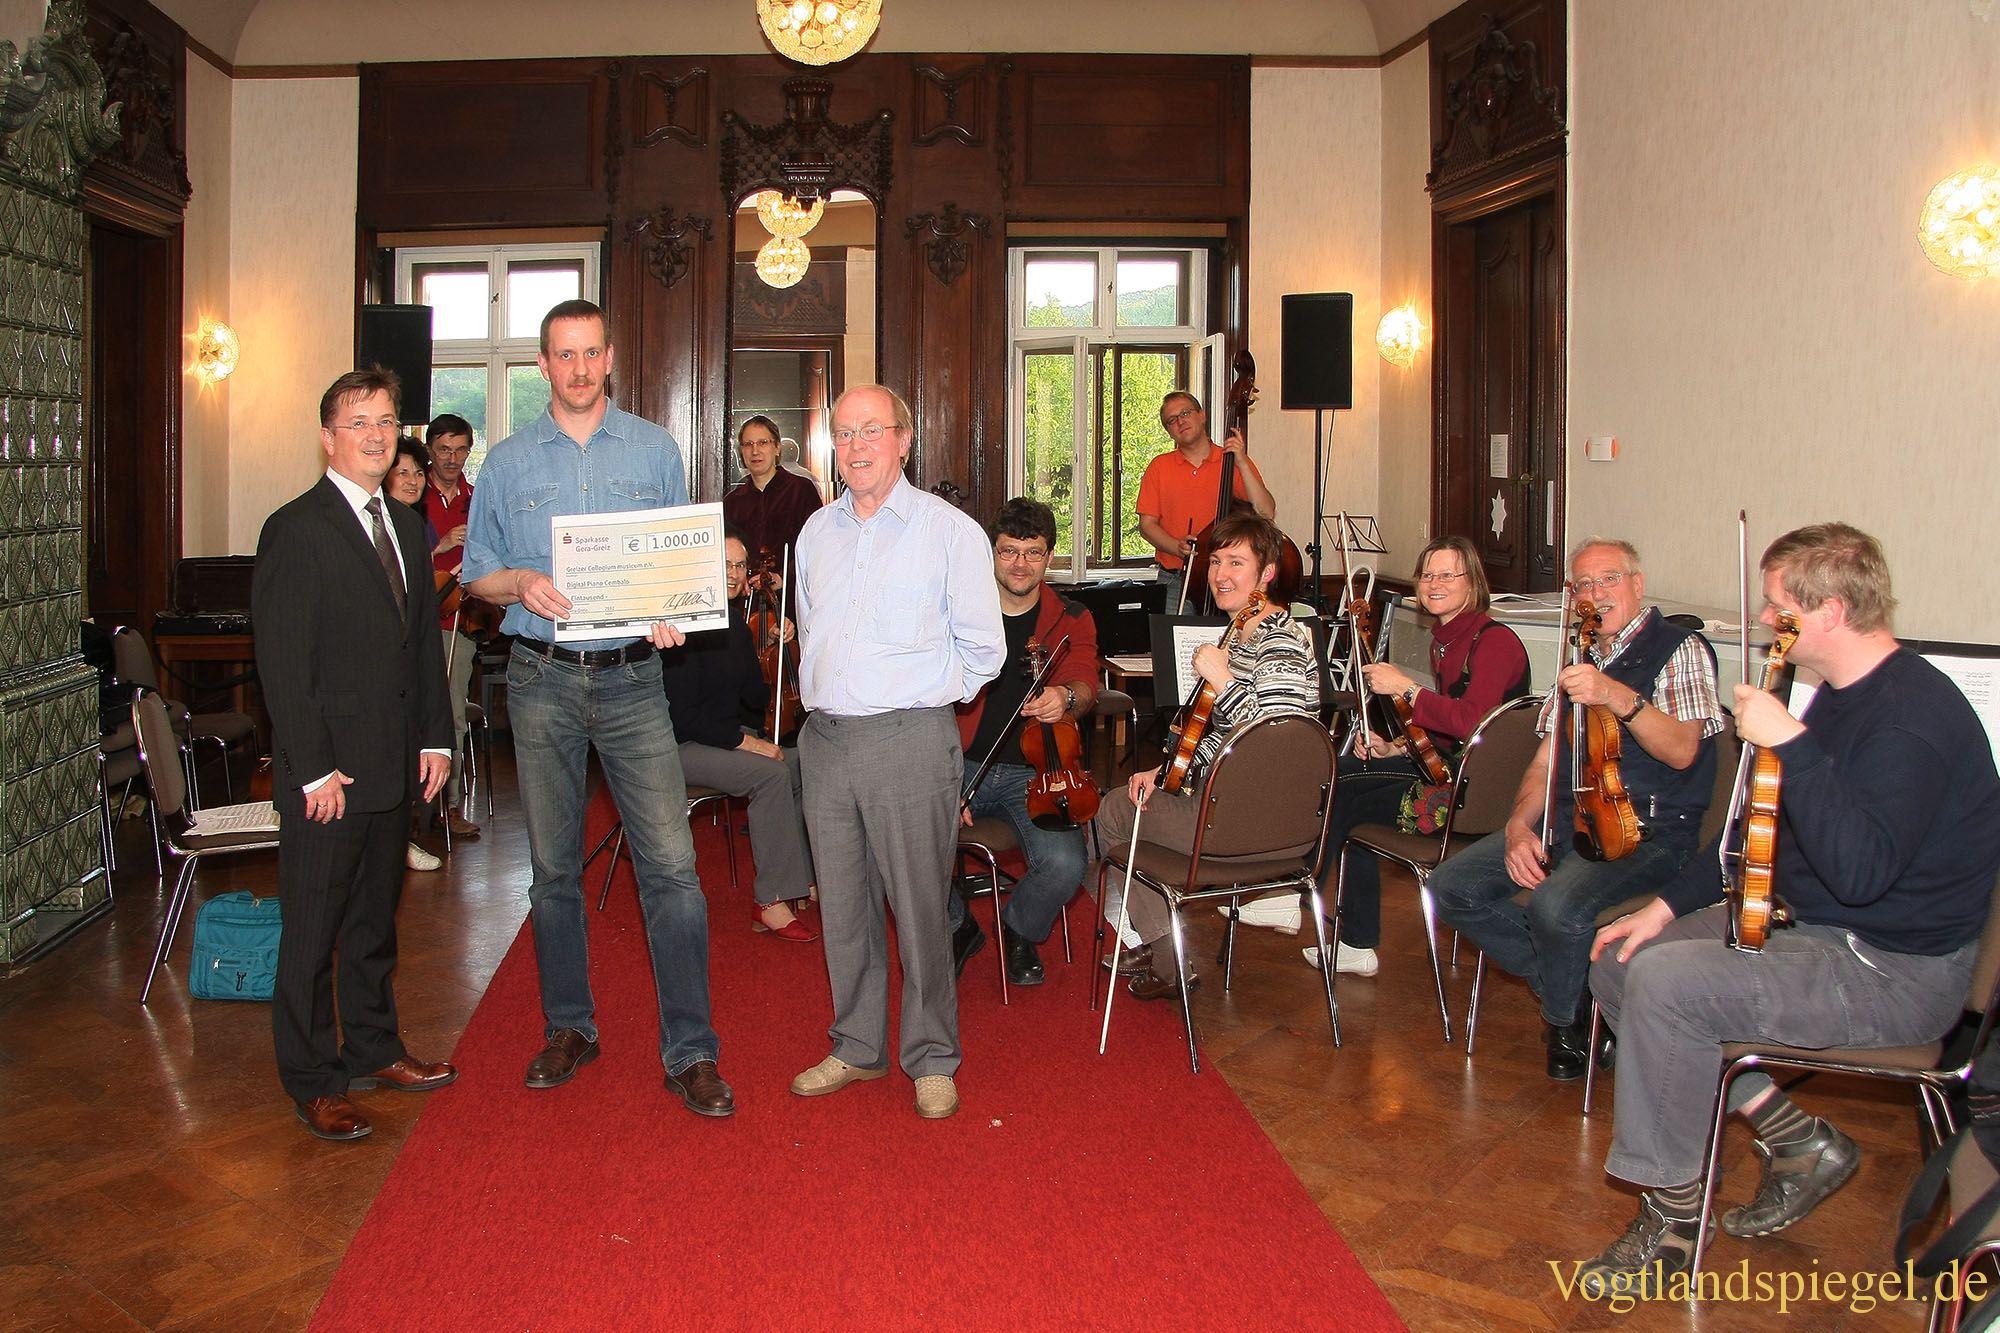 Uwe Borchardt von der Sparkasse Gera-Greiz übergibt Collegium musicum e.V. 1000 Euro für Vereinsarbeit